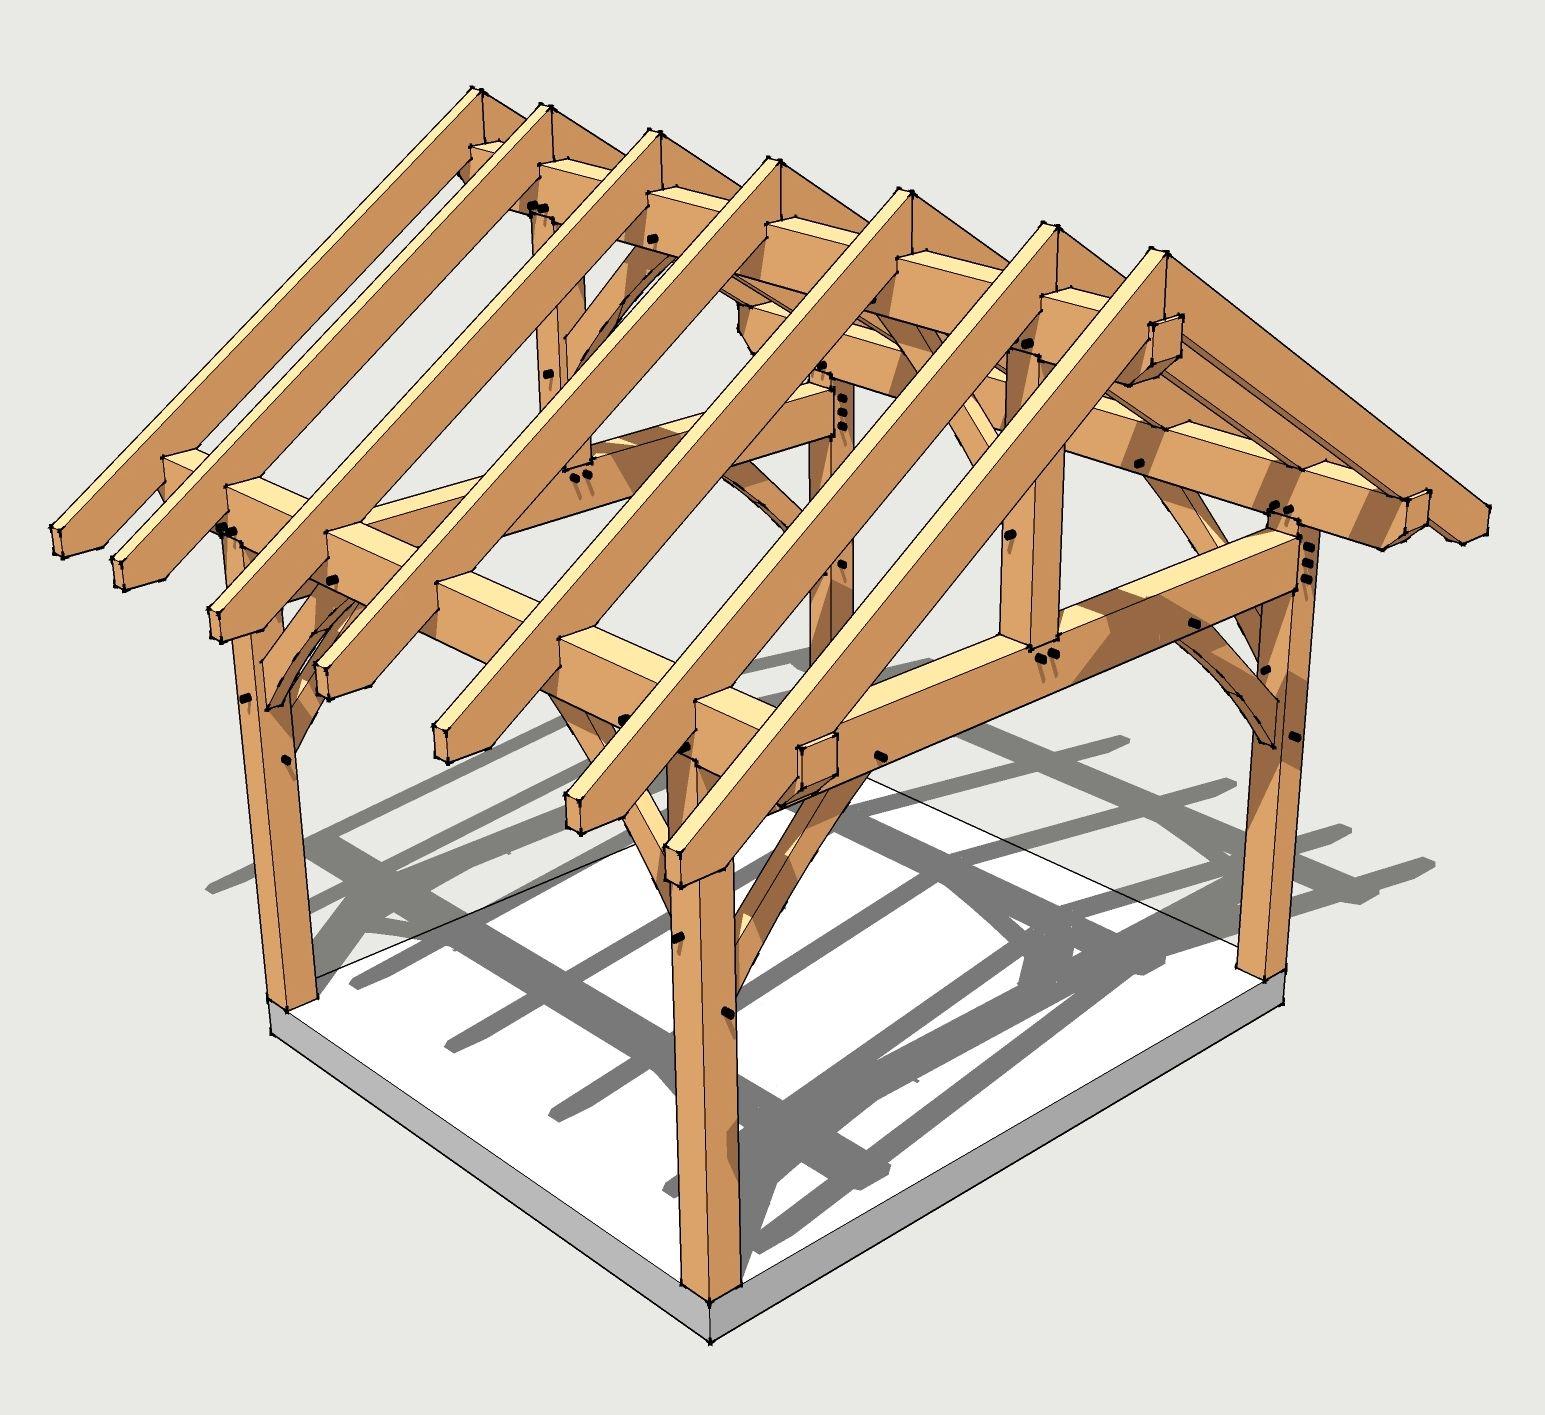 12X14 Timber Frame Plan | Gazebo Bois, Abri Bois Et Pergola Bois encequiconcerne Plan Abri De Jardin Bois